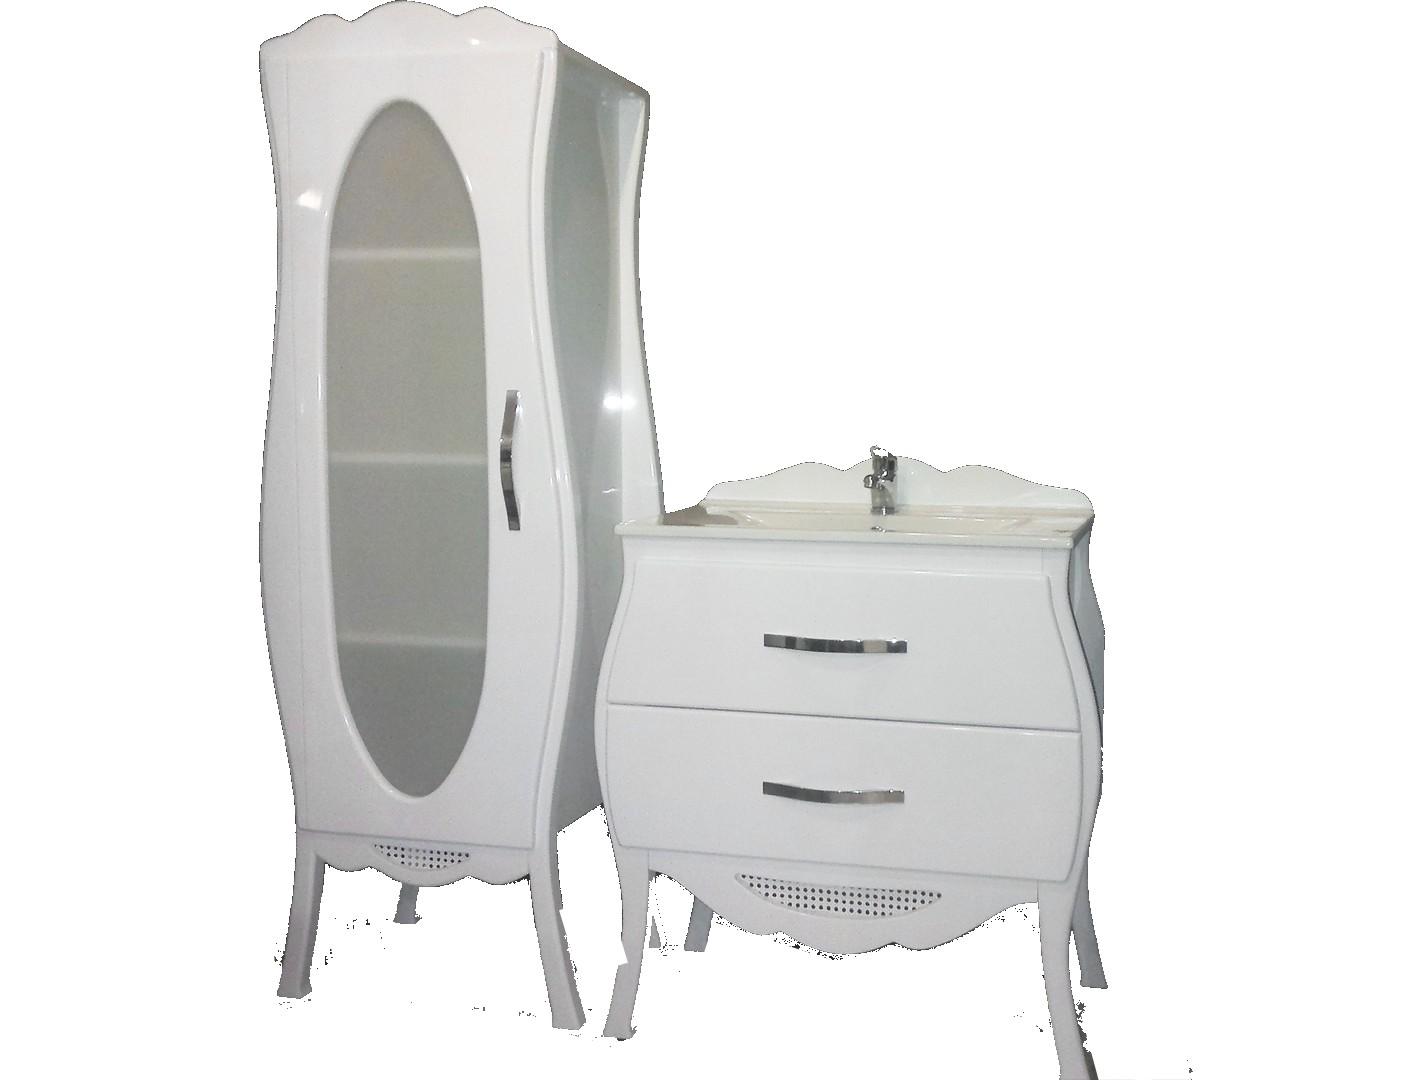 RETRO zostava - SKRINKA s umývadlom 82 + KÚPEĽ